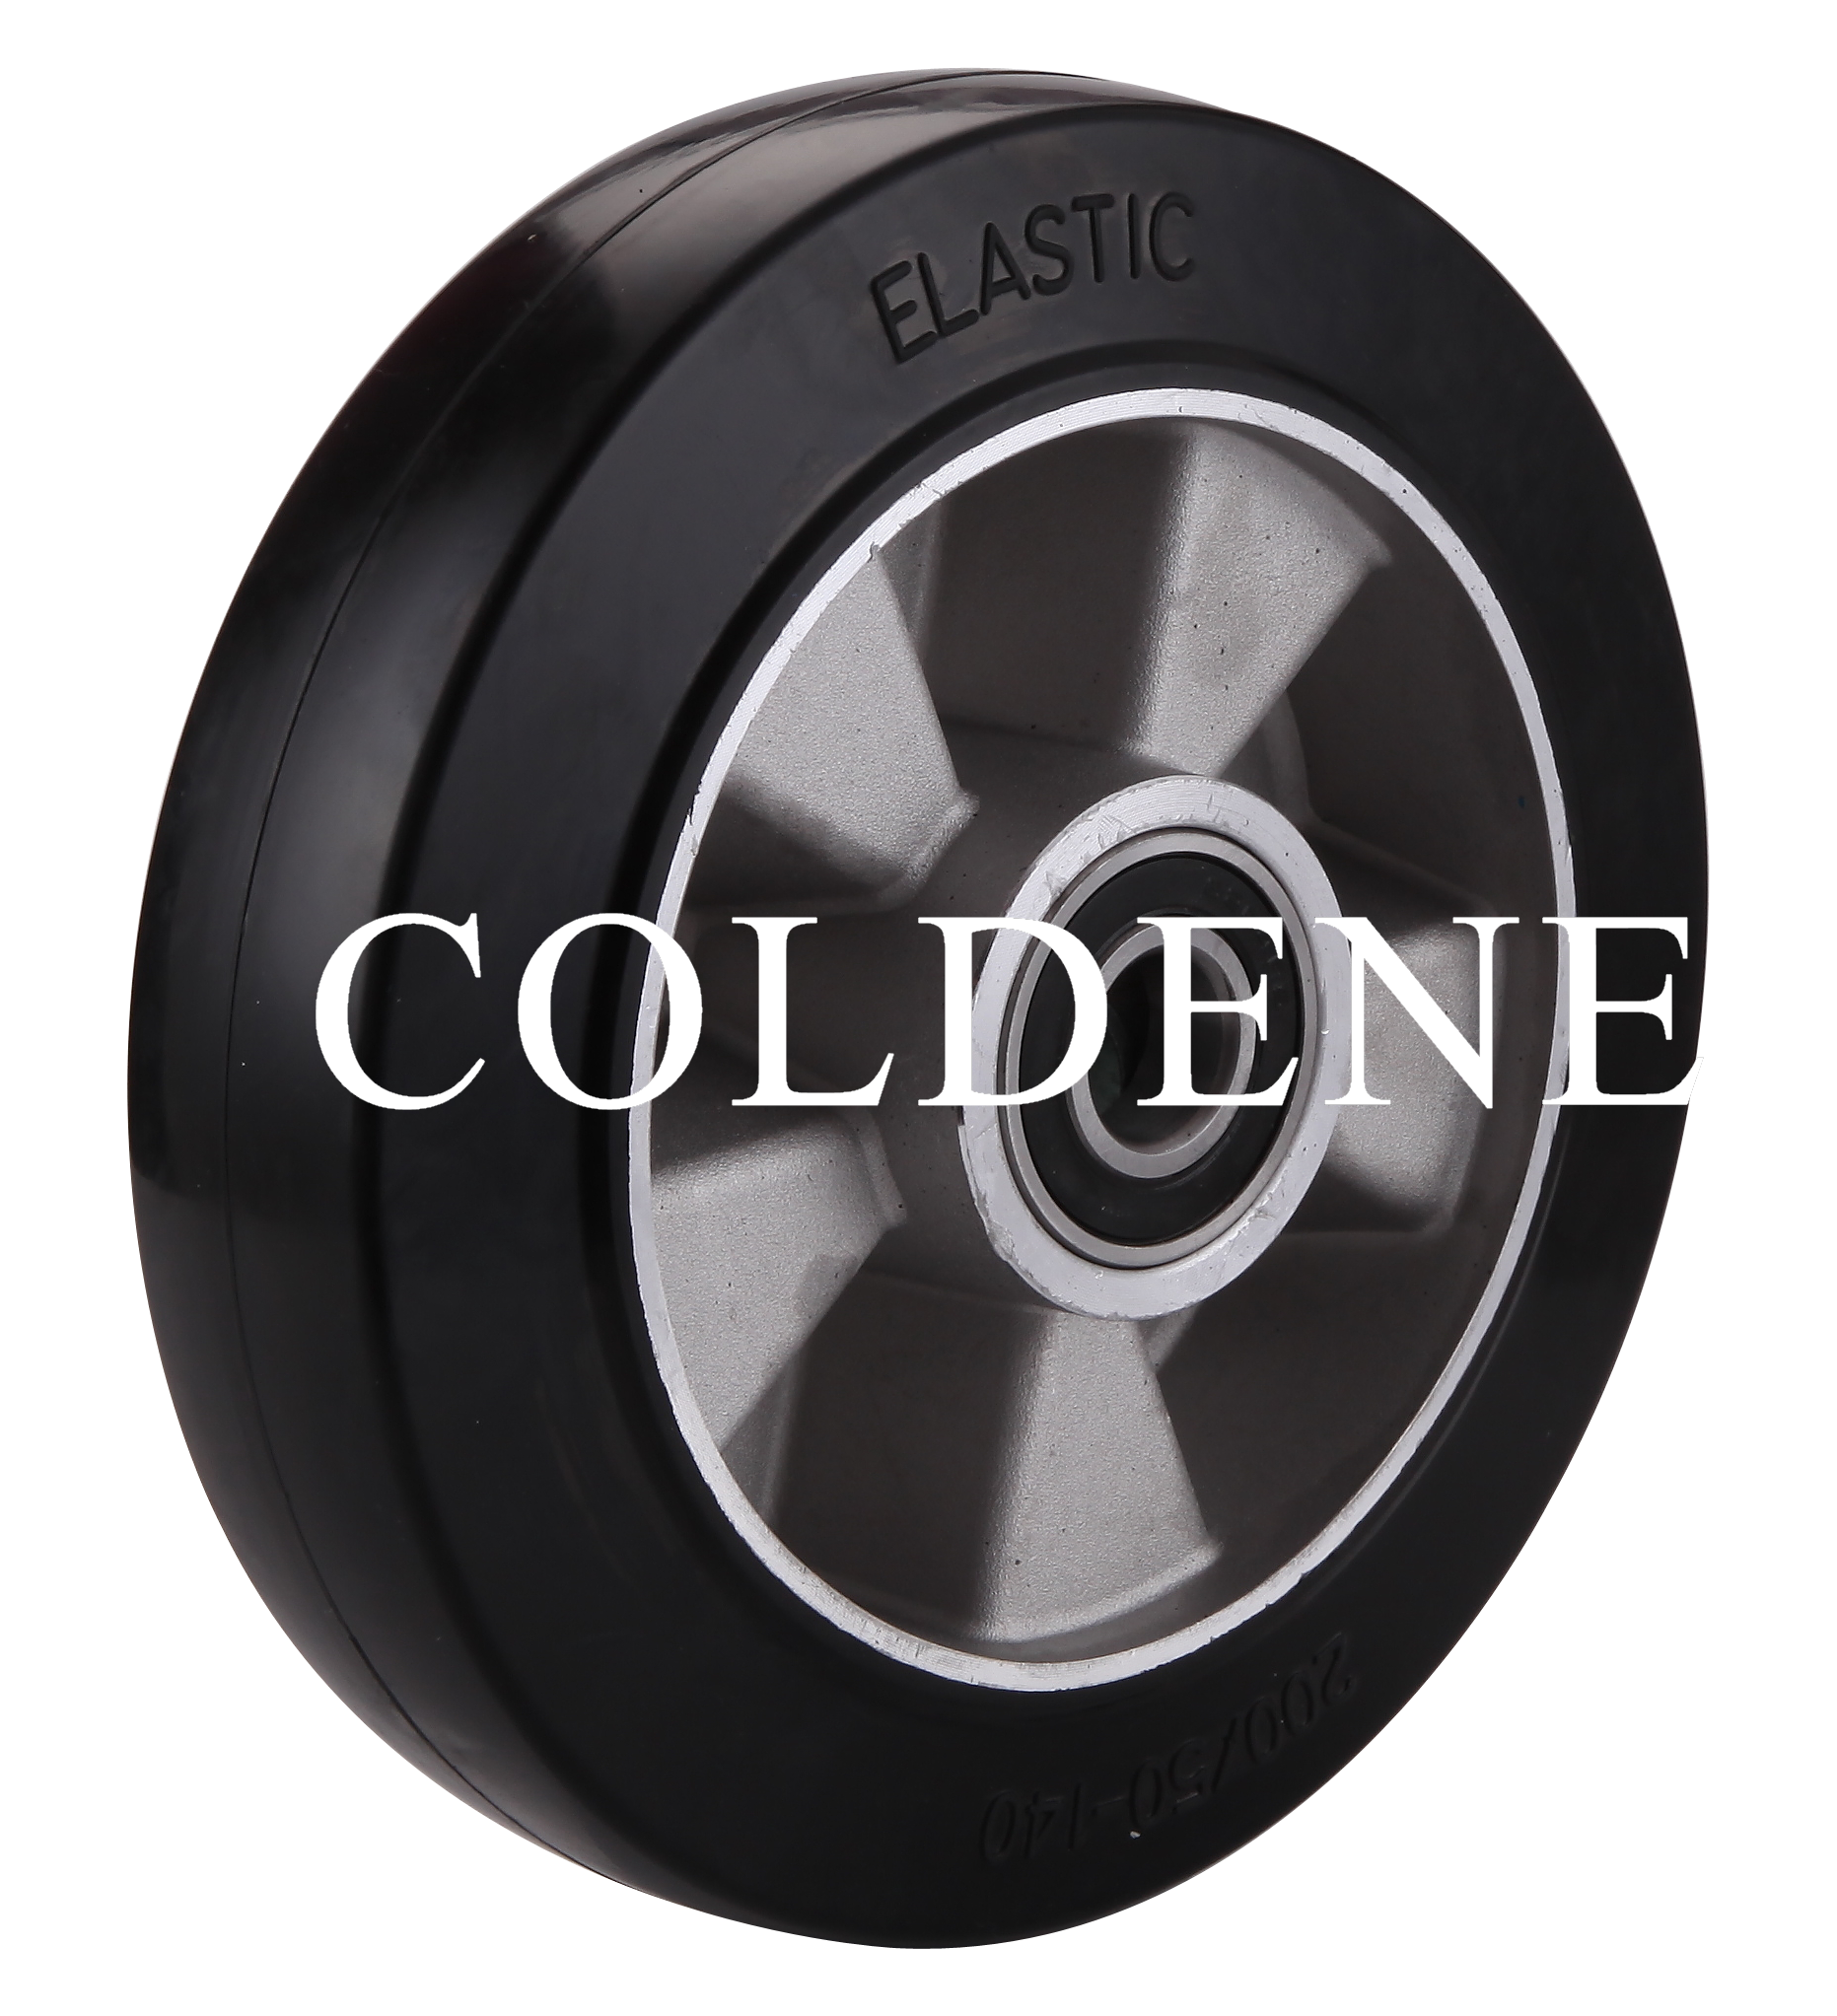 Black Elastic Rubber Tyre Aluminium Centre